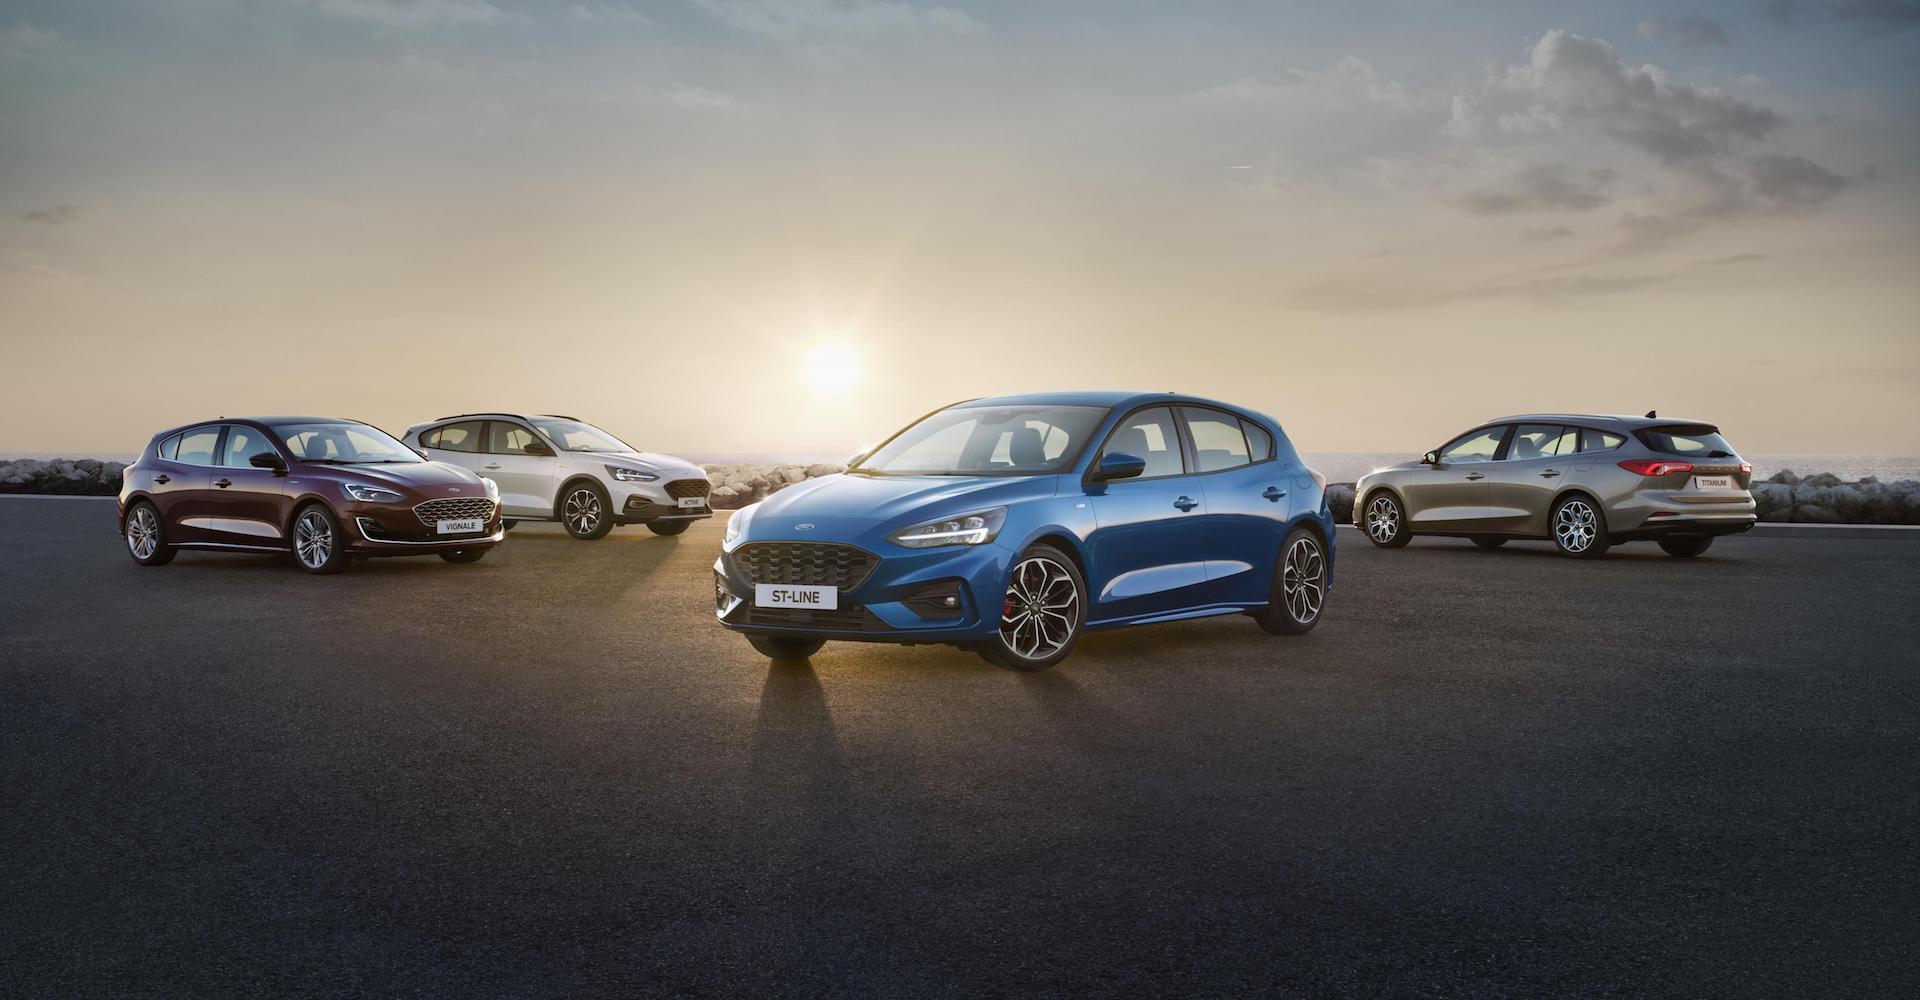 Ford Focus range 2018